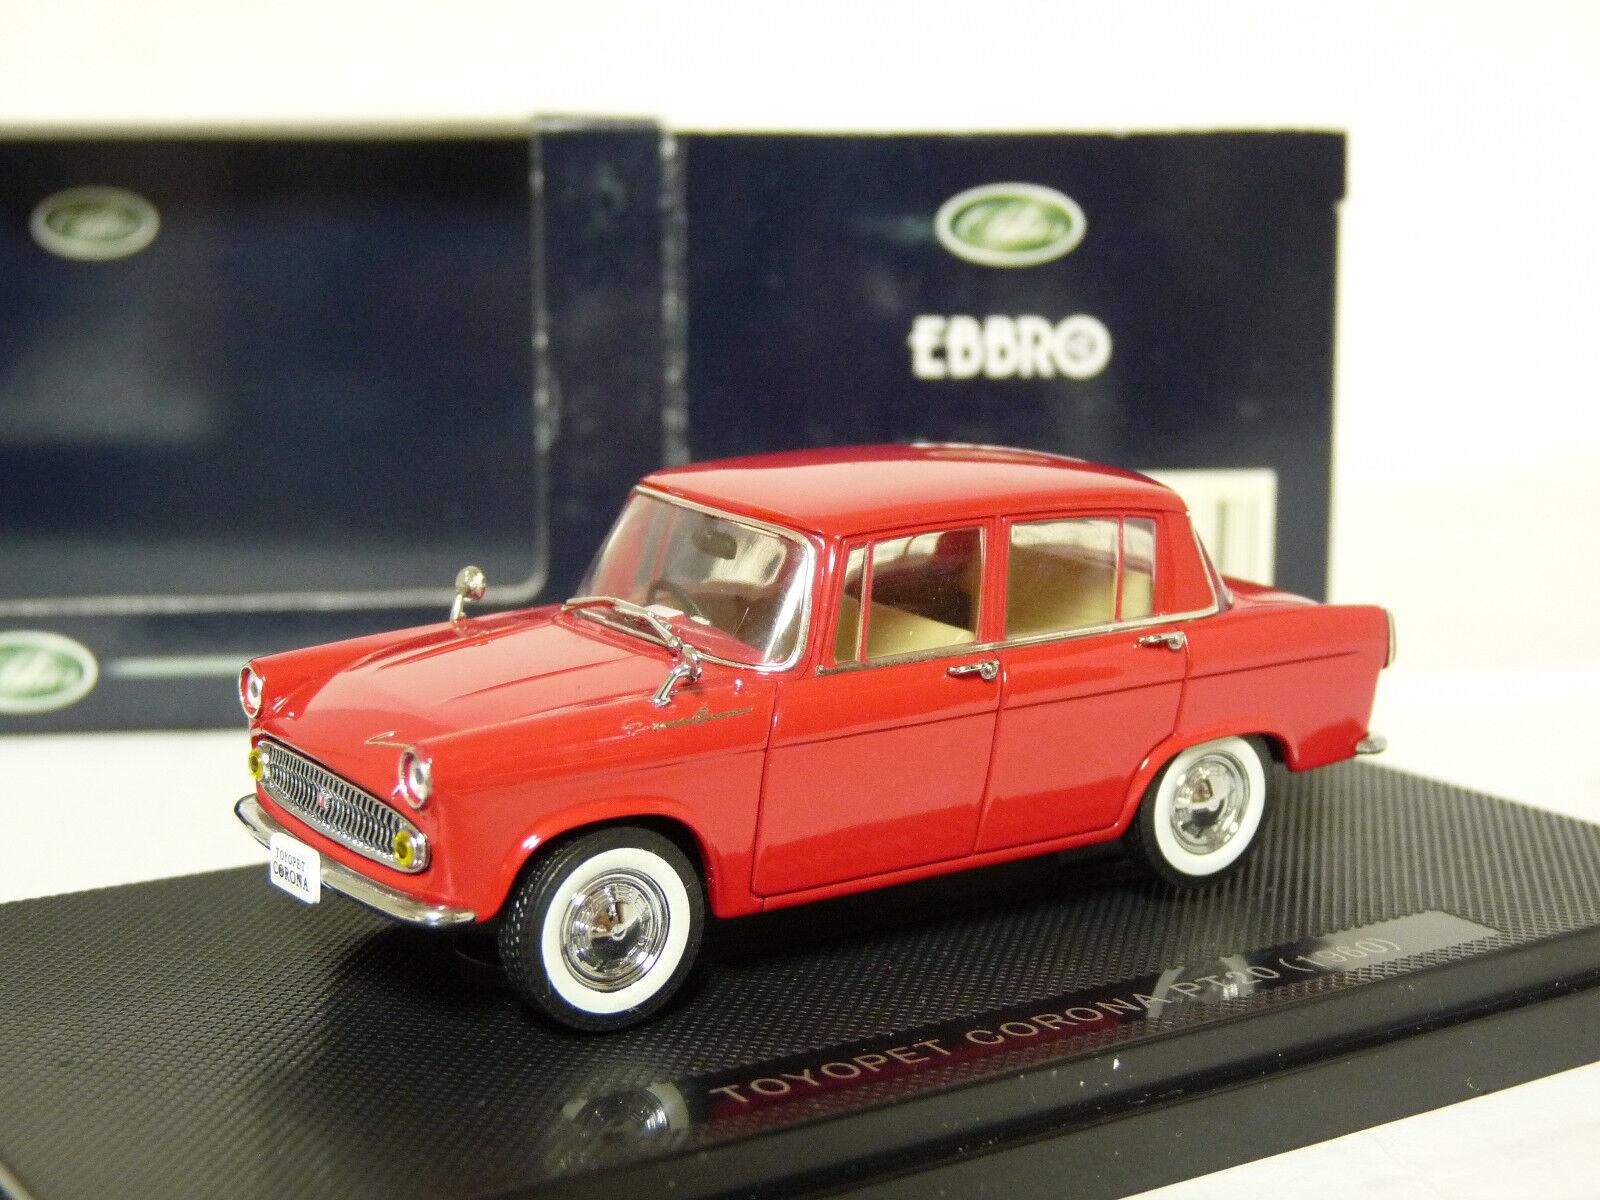 Ebbro 679 1 43 1960 Jugueteota Jugueteopet corona PT20 Coche Modelo Diecast